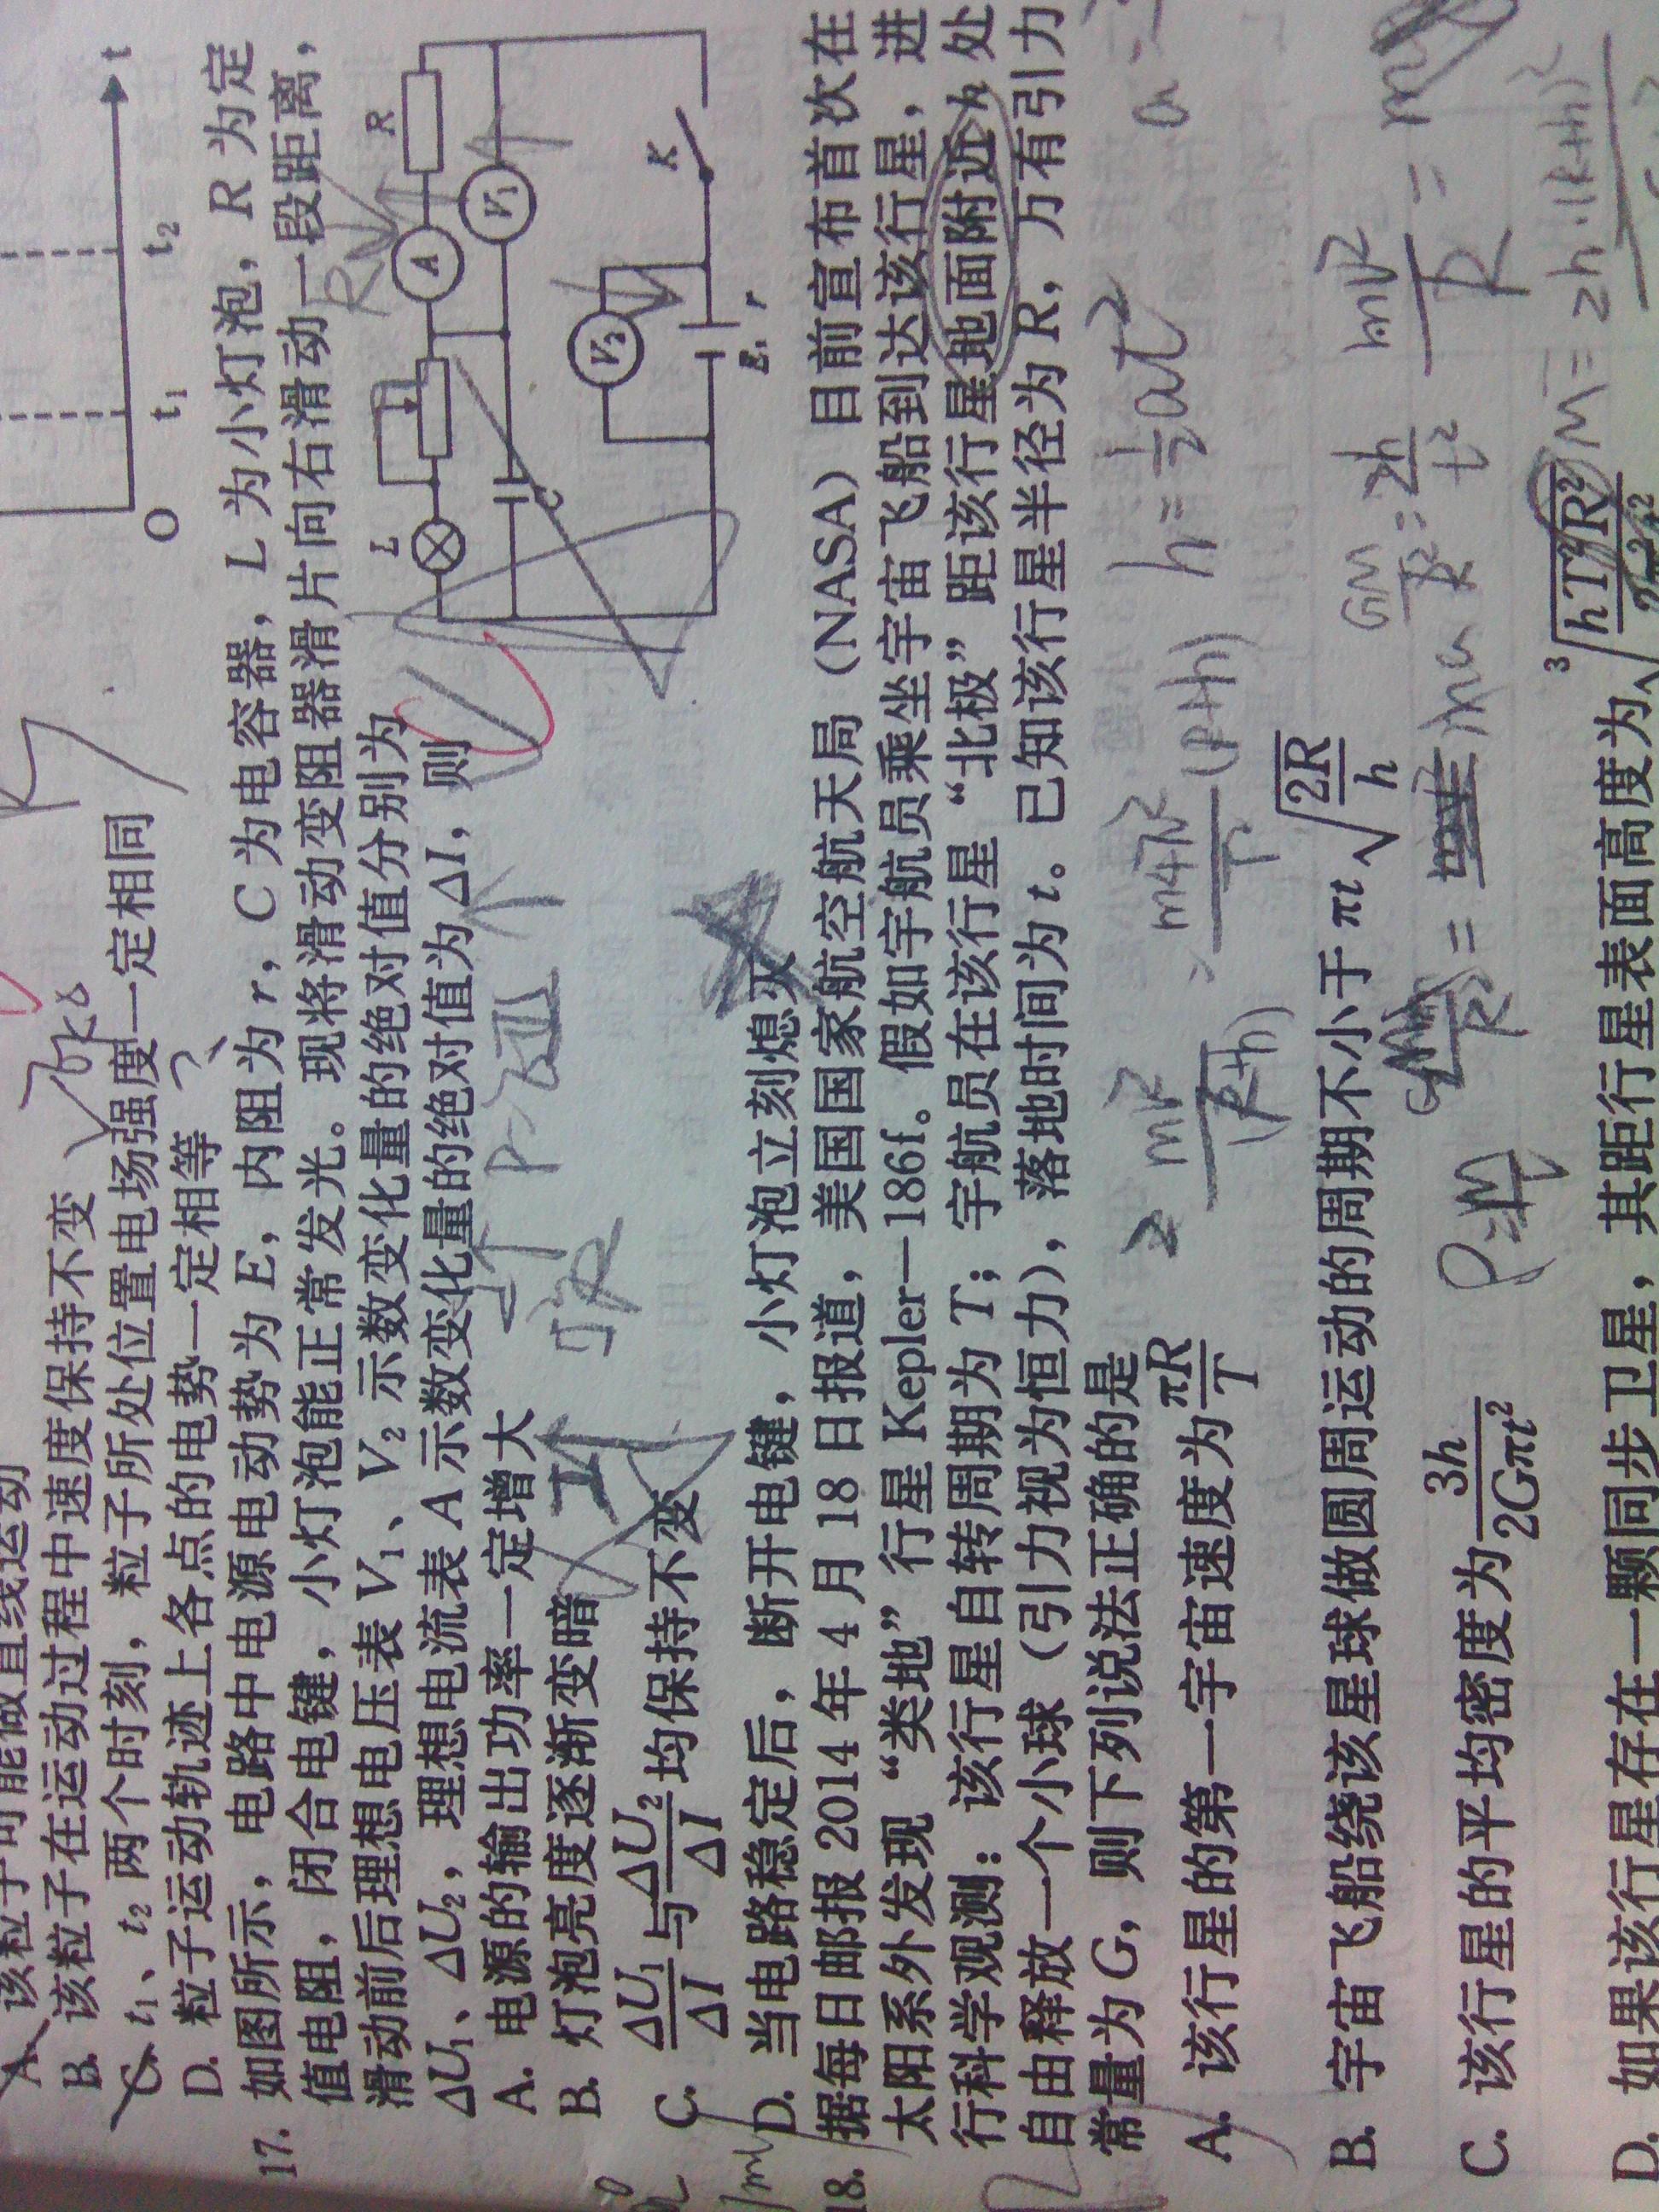 物理复杂电路动态分析